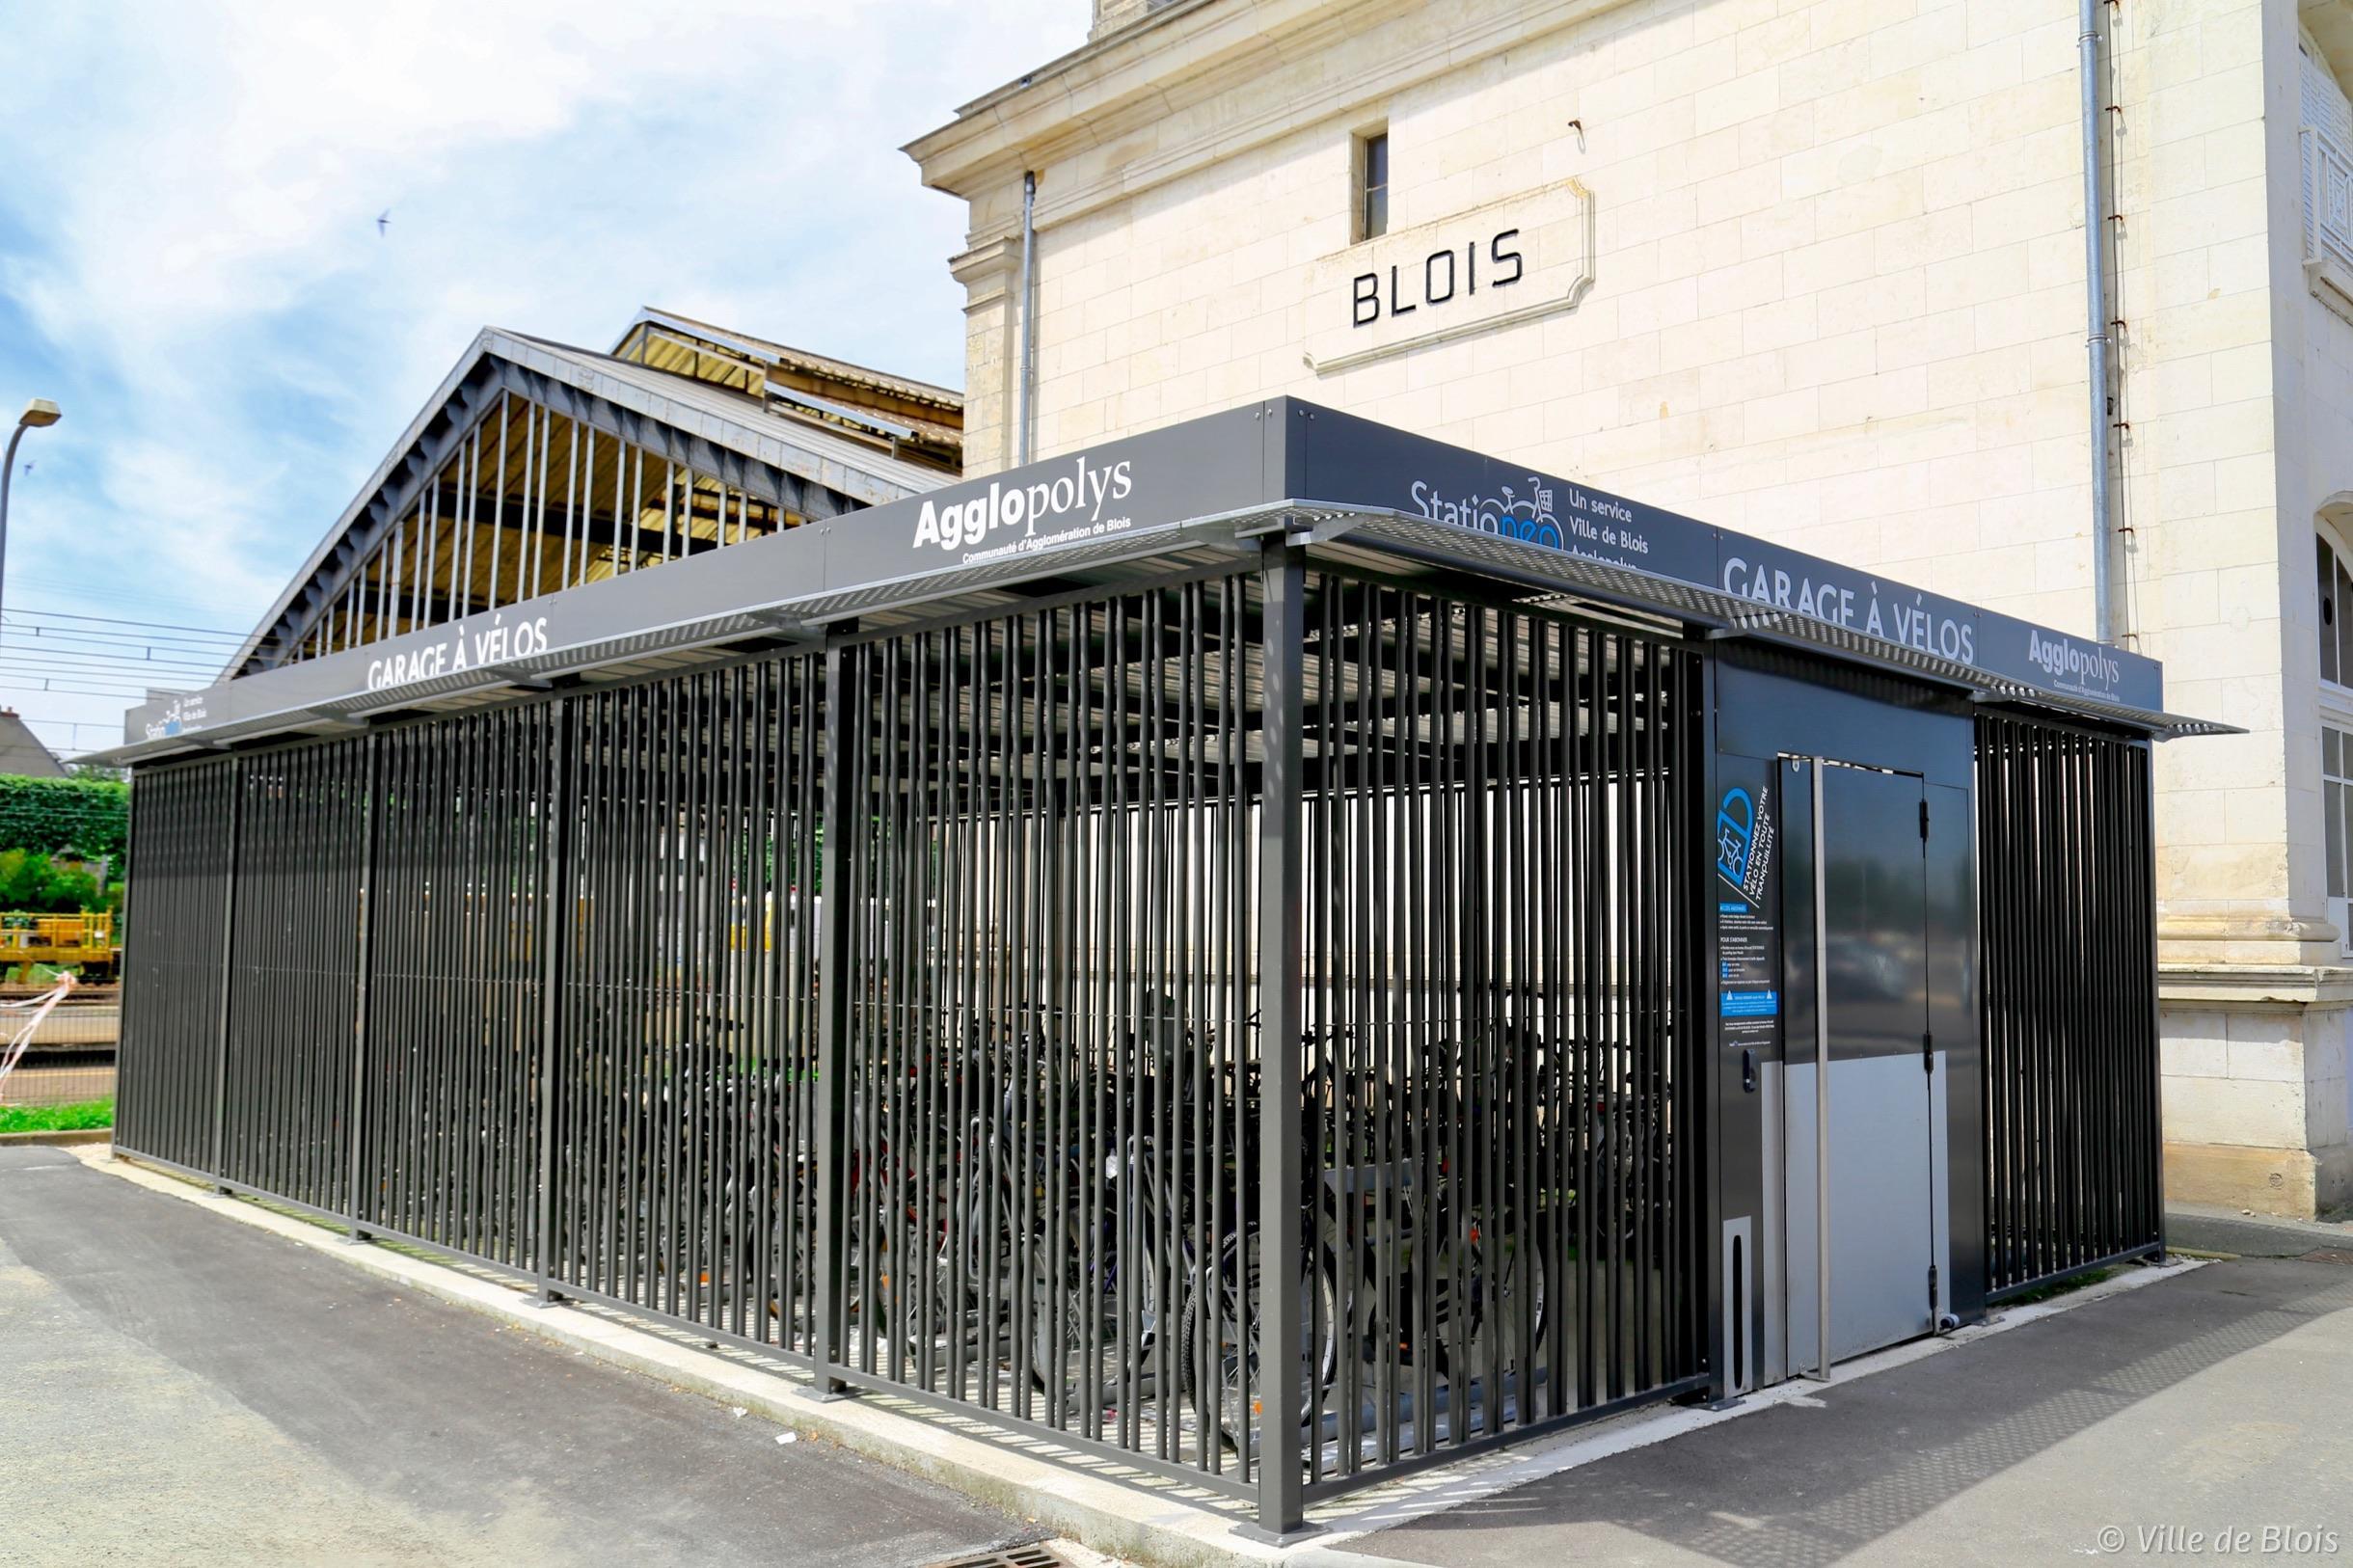 Garage à vélo, attenant à la gare ferroviaire, à l'entrée sécurisée par badge.